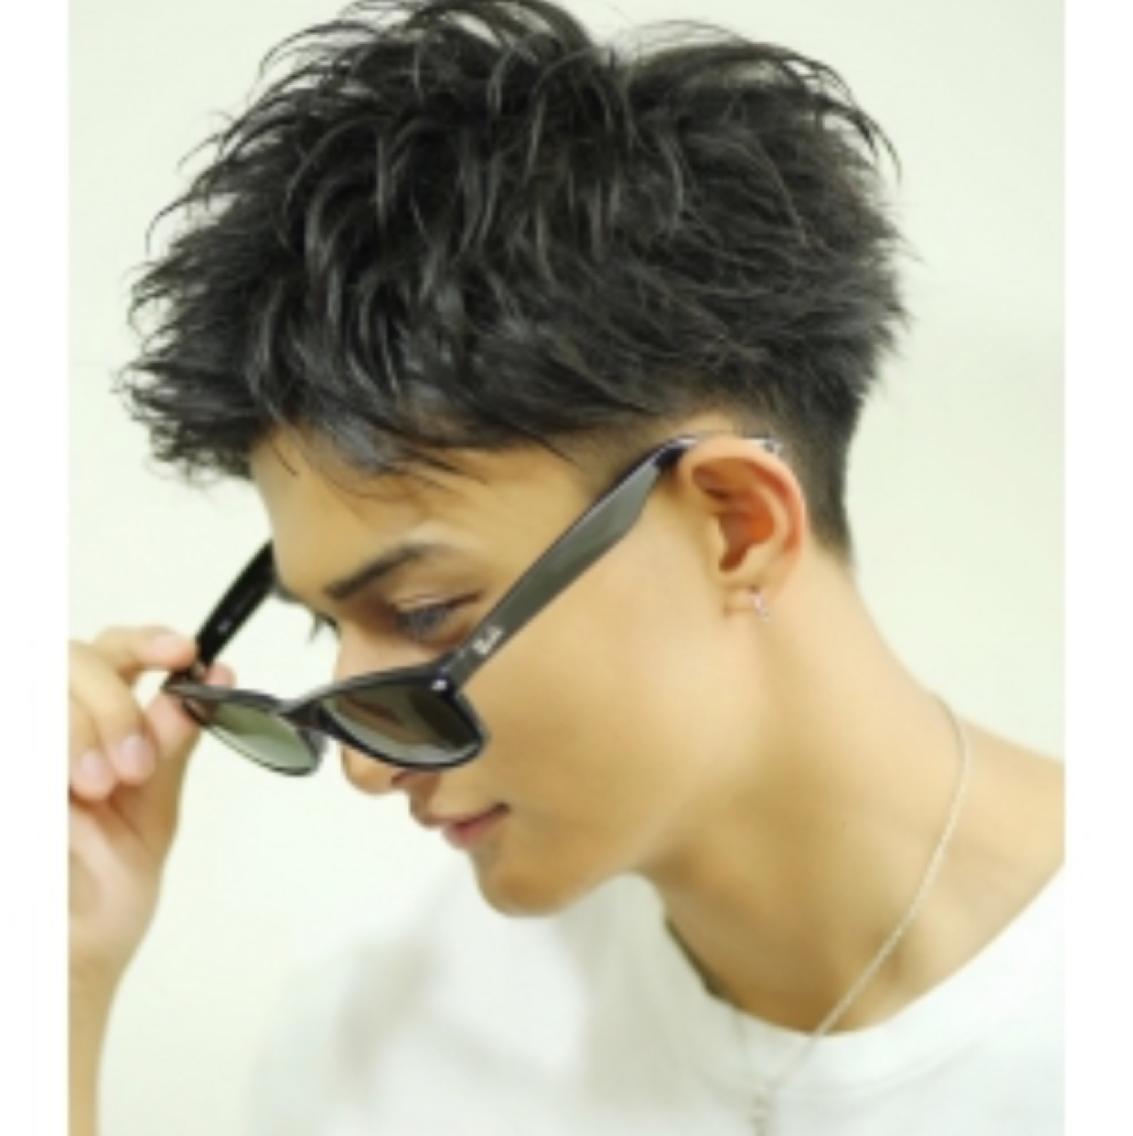 ✨4/1にメンズサロンとしてオープンしたばかり✨イマイチ髪型がしっくりこない、自分がどんな髪型が似合うかで悩んでいる方、任せてください必ずあなたにベストな髪型はあります‼️